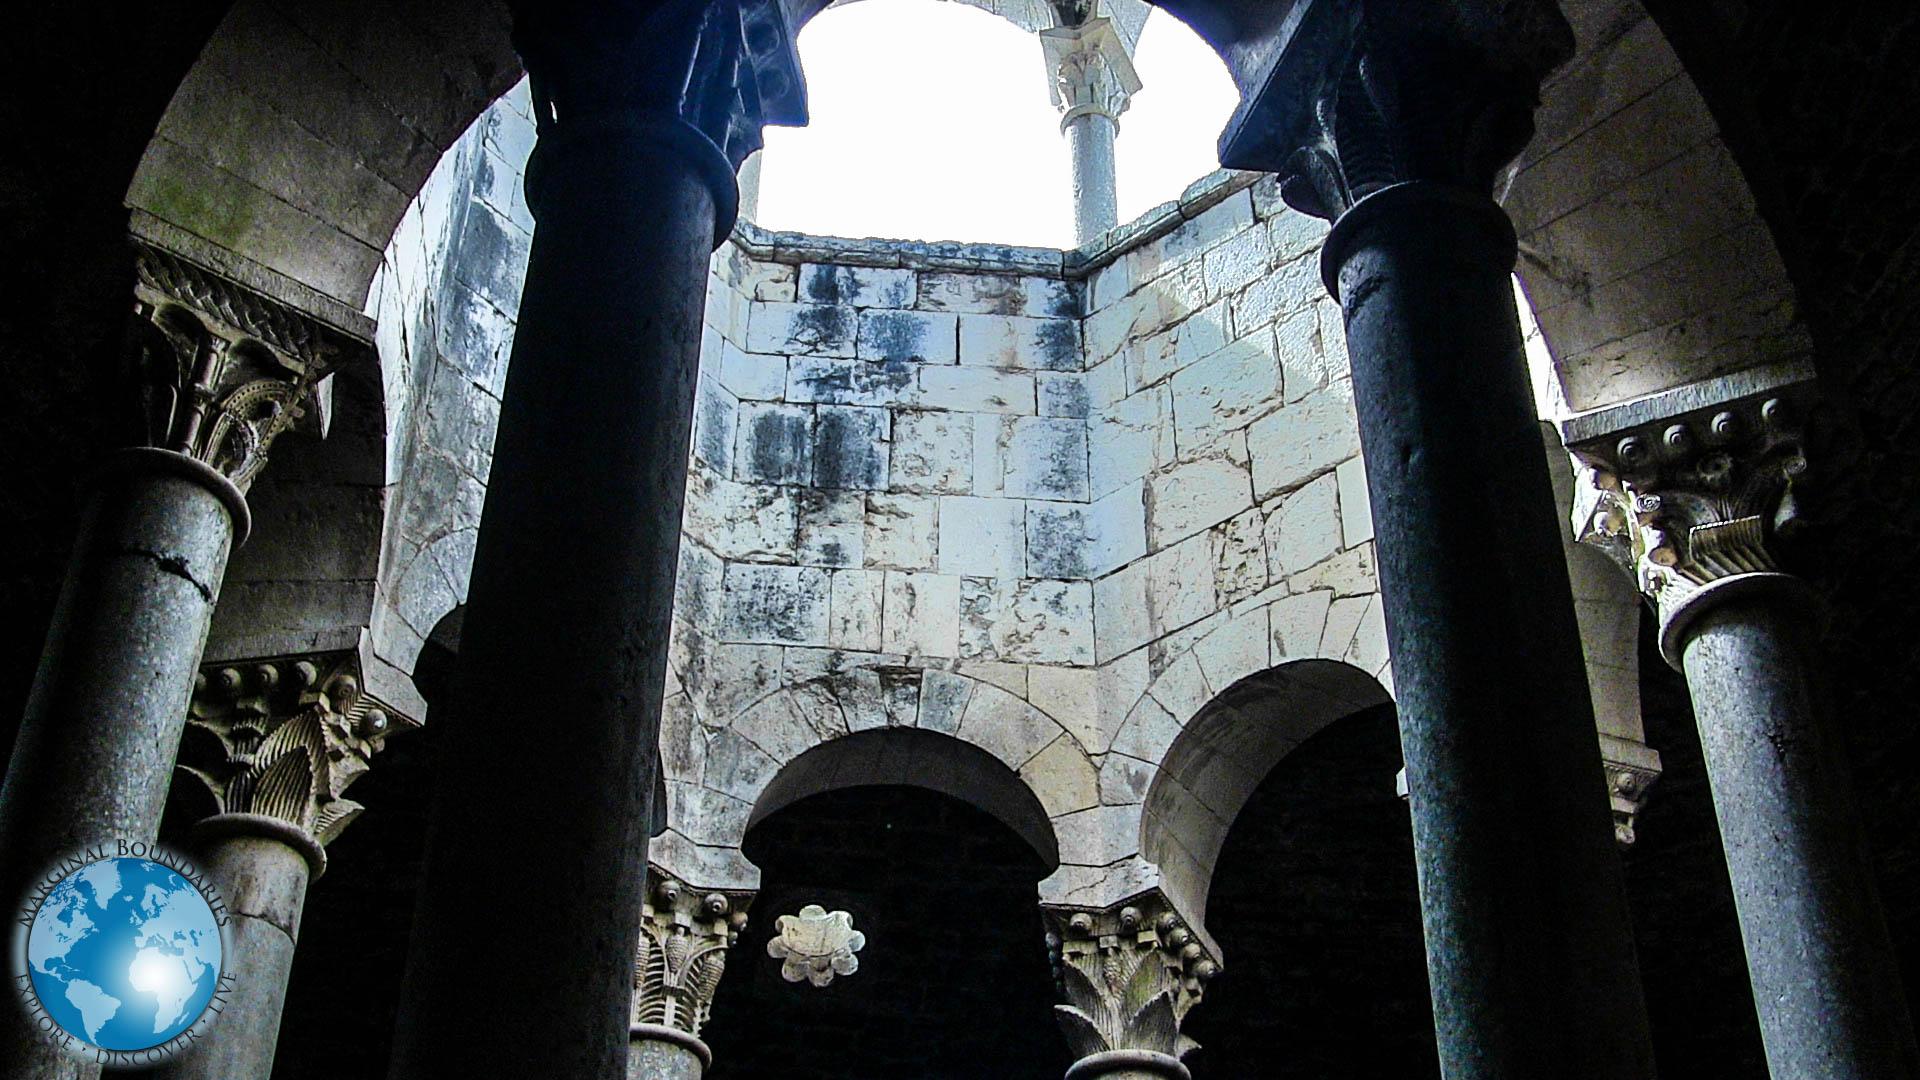 The Arabian Bath House in Girona